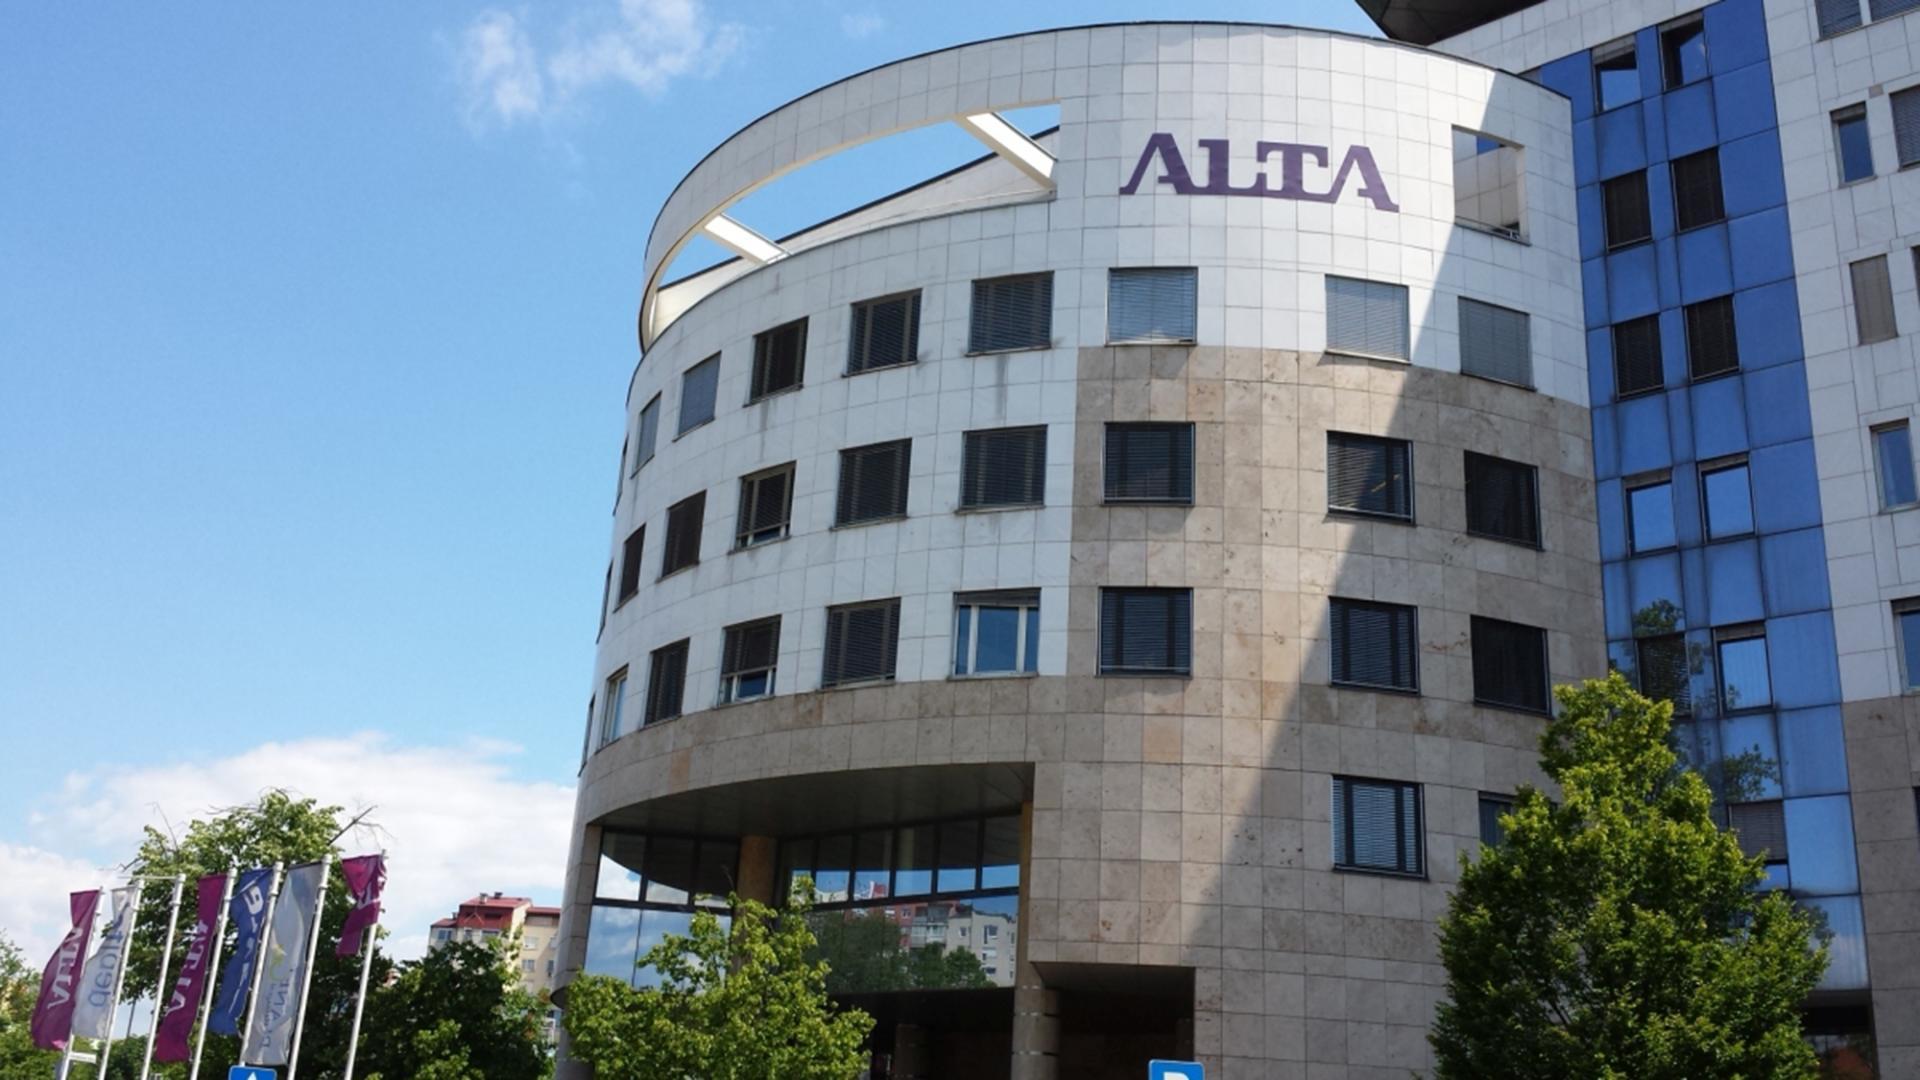 Alte ni več – še skladi prodani Triglavu